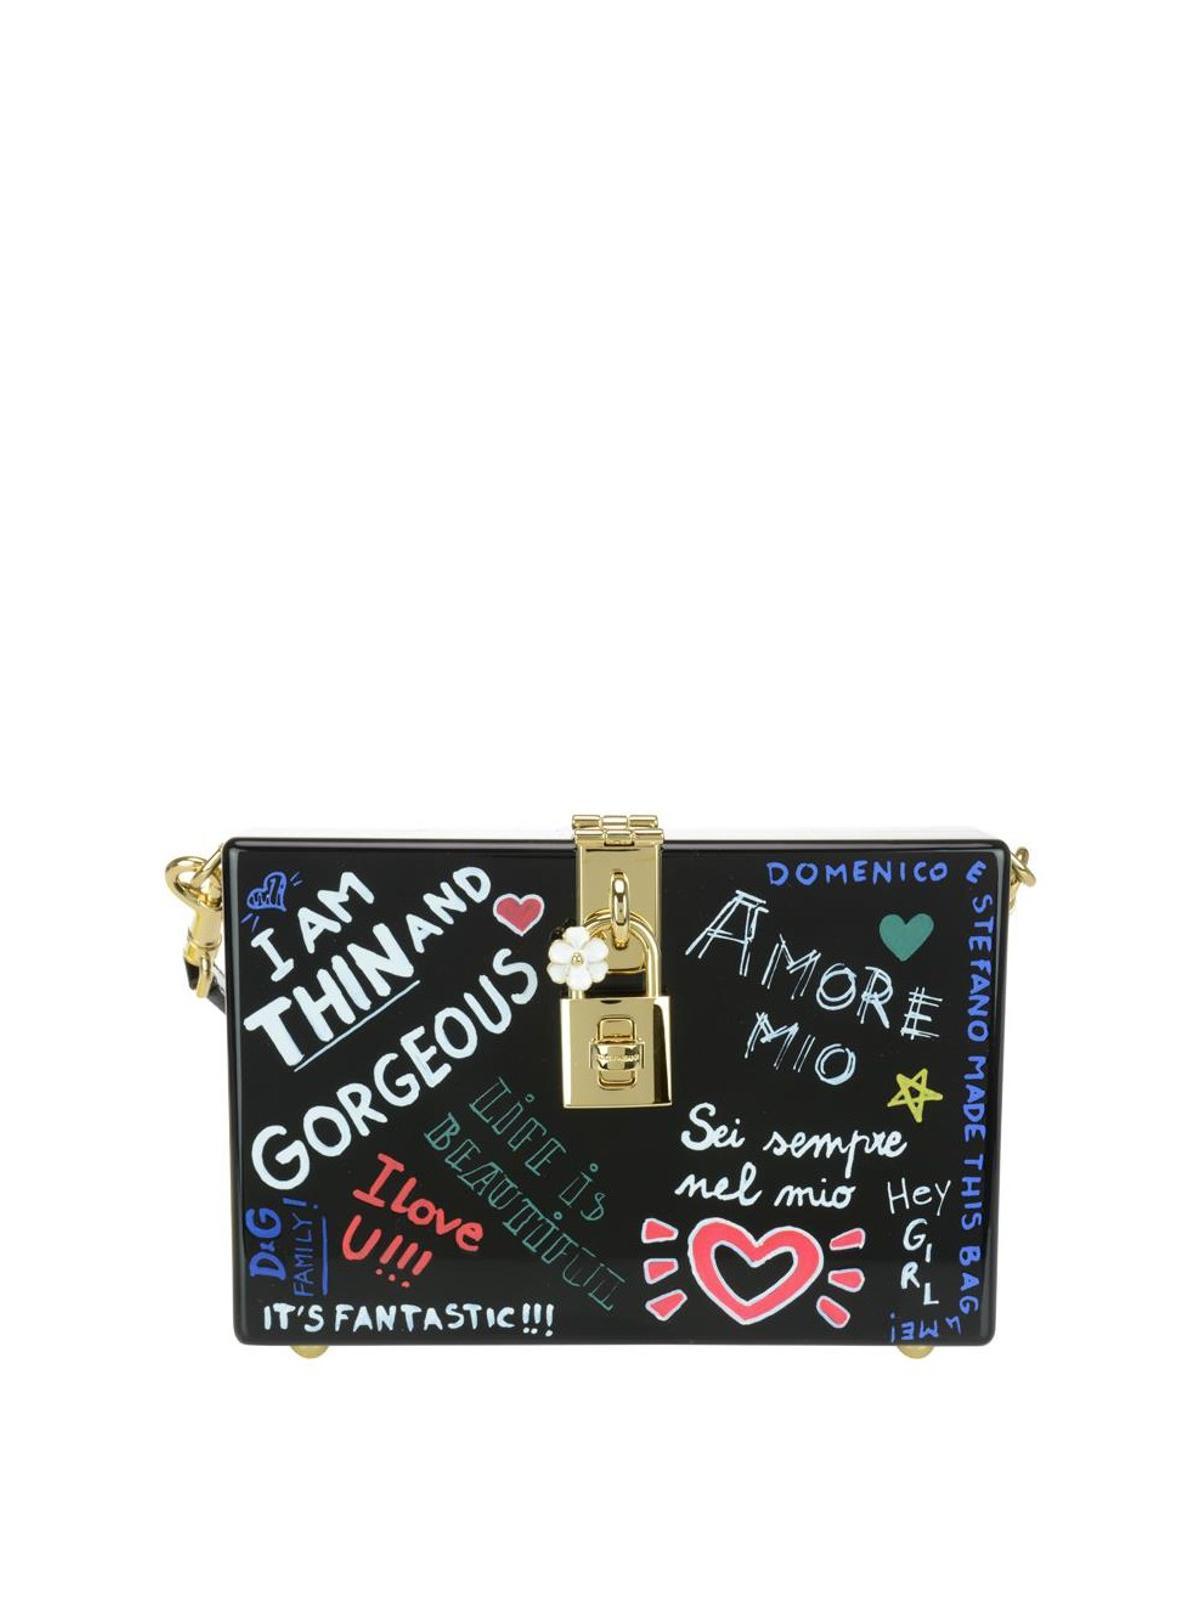 Dolce & Gabbana Mural print wood box cross body bag sXdiK